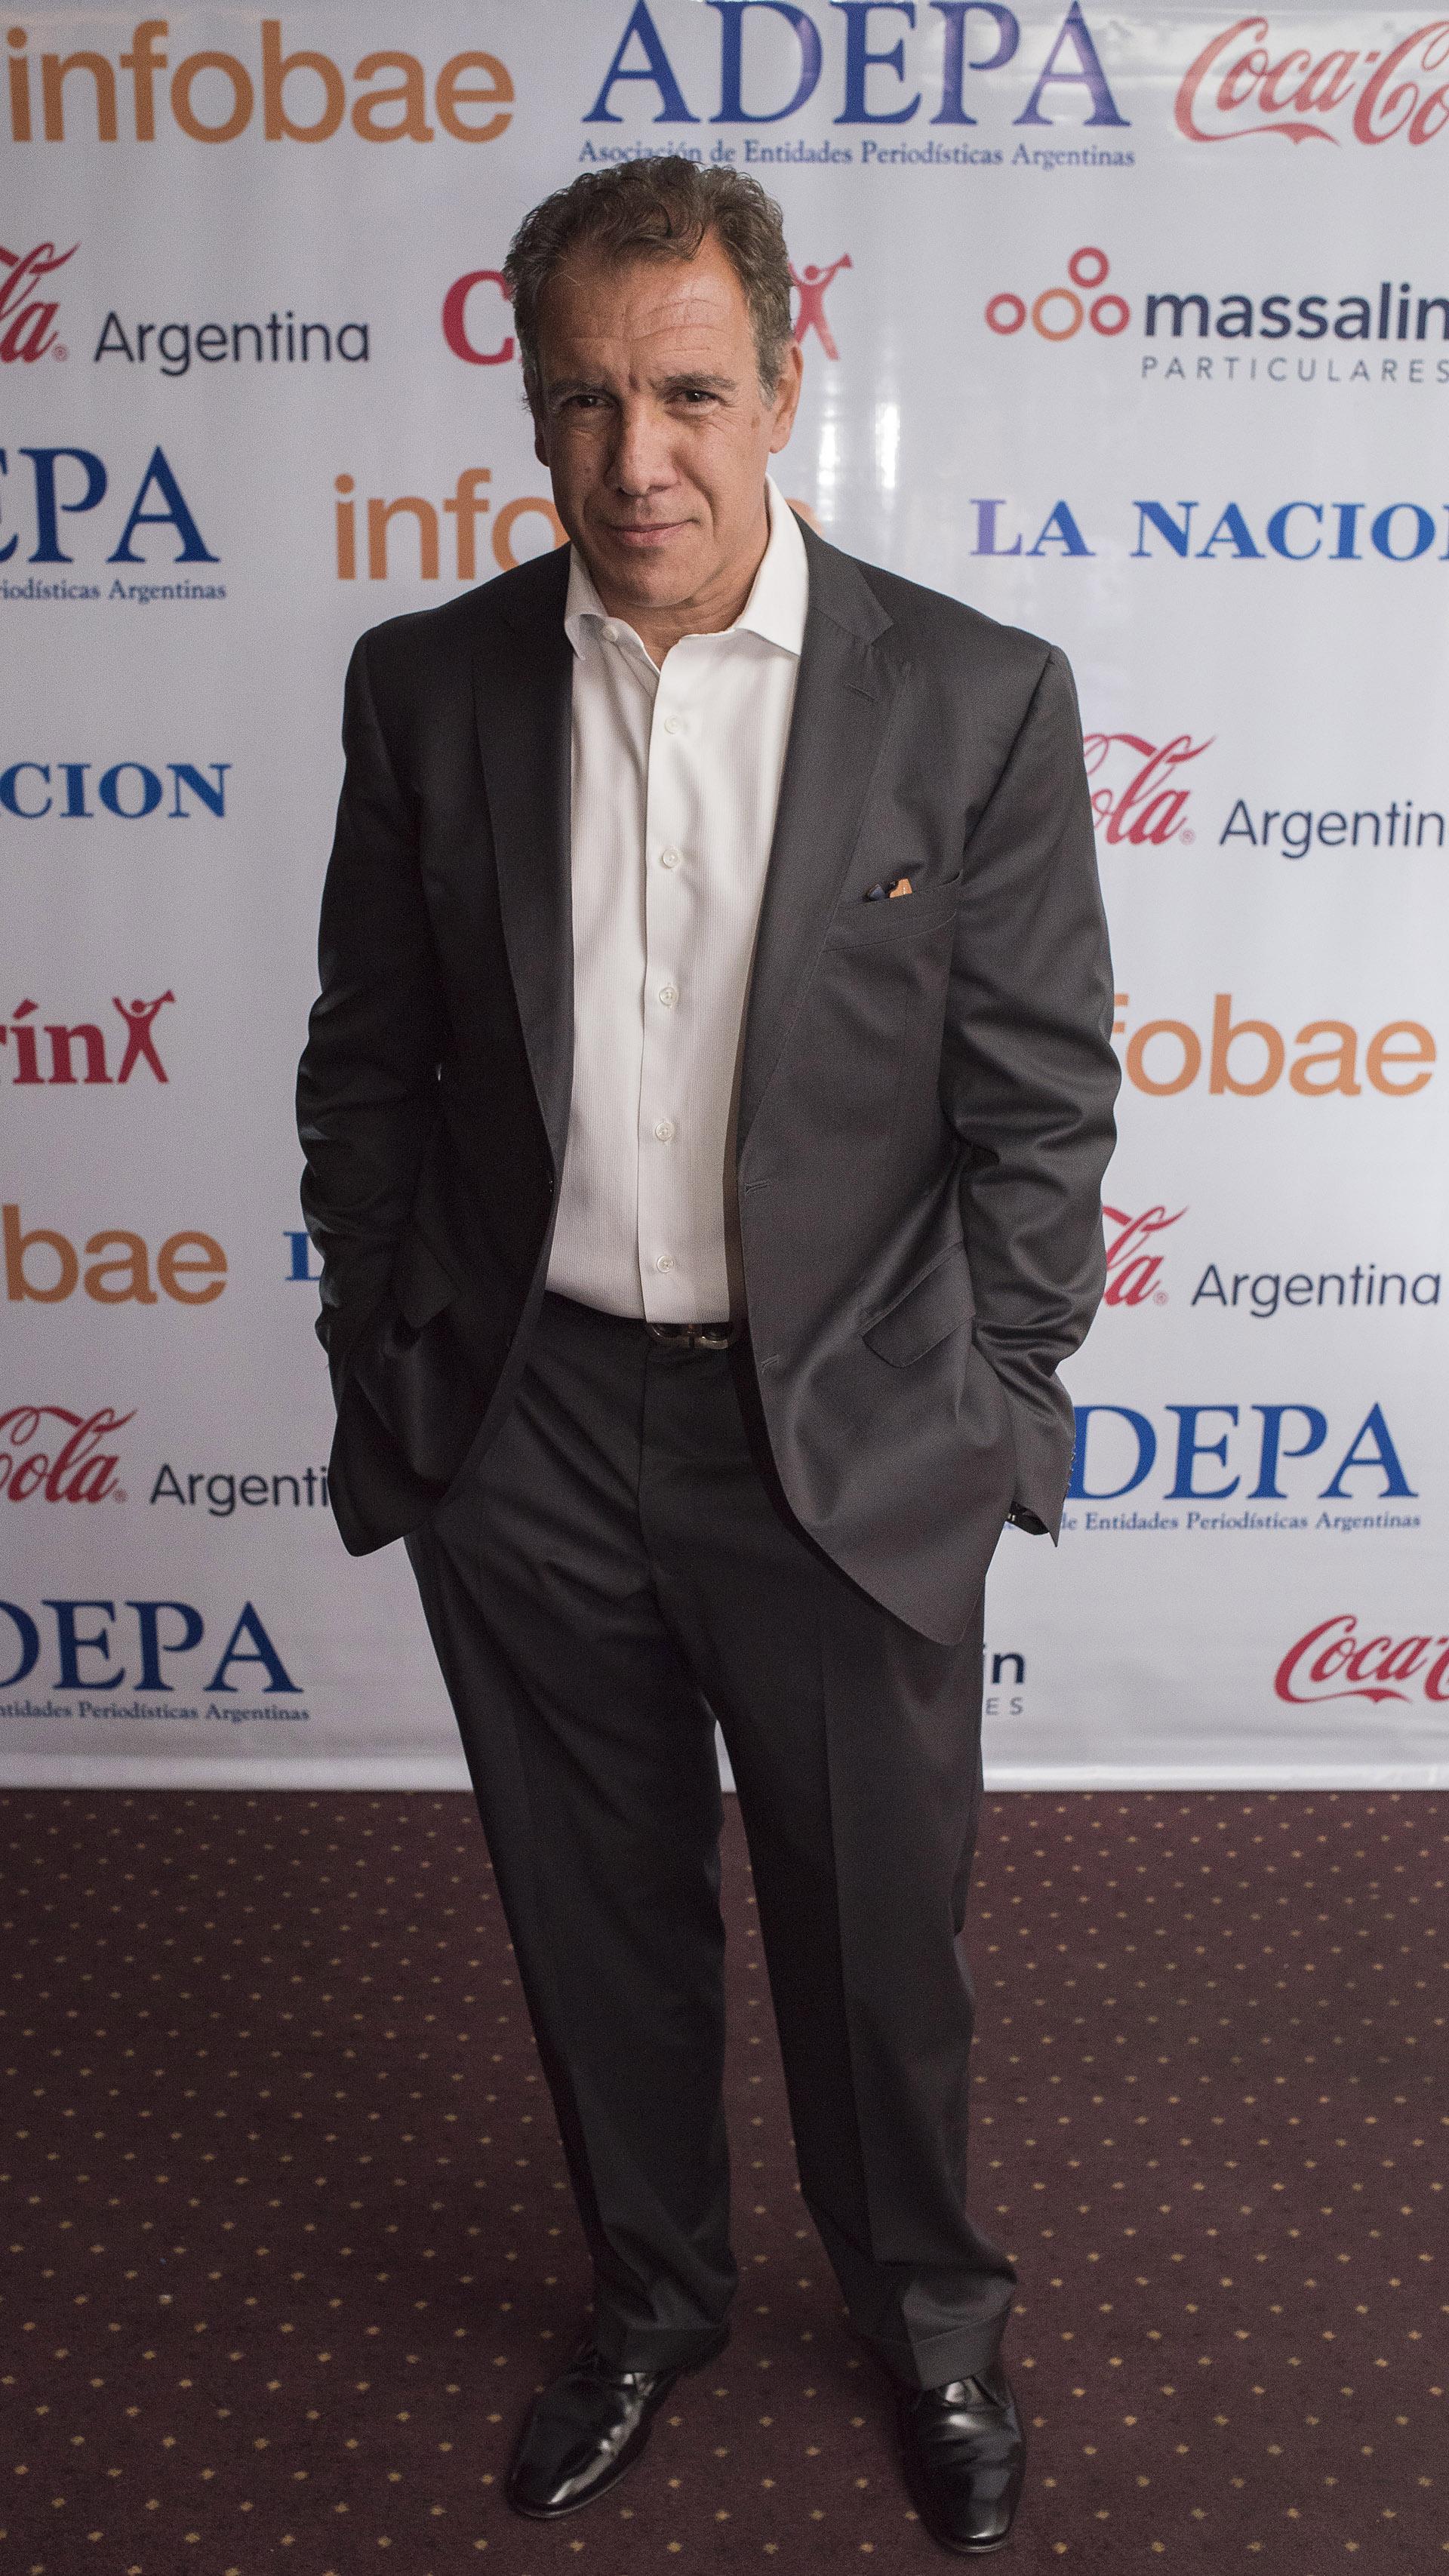 Daniel Hadad, fundador de Infobae